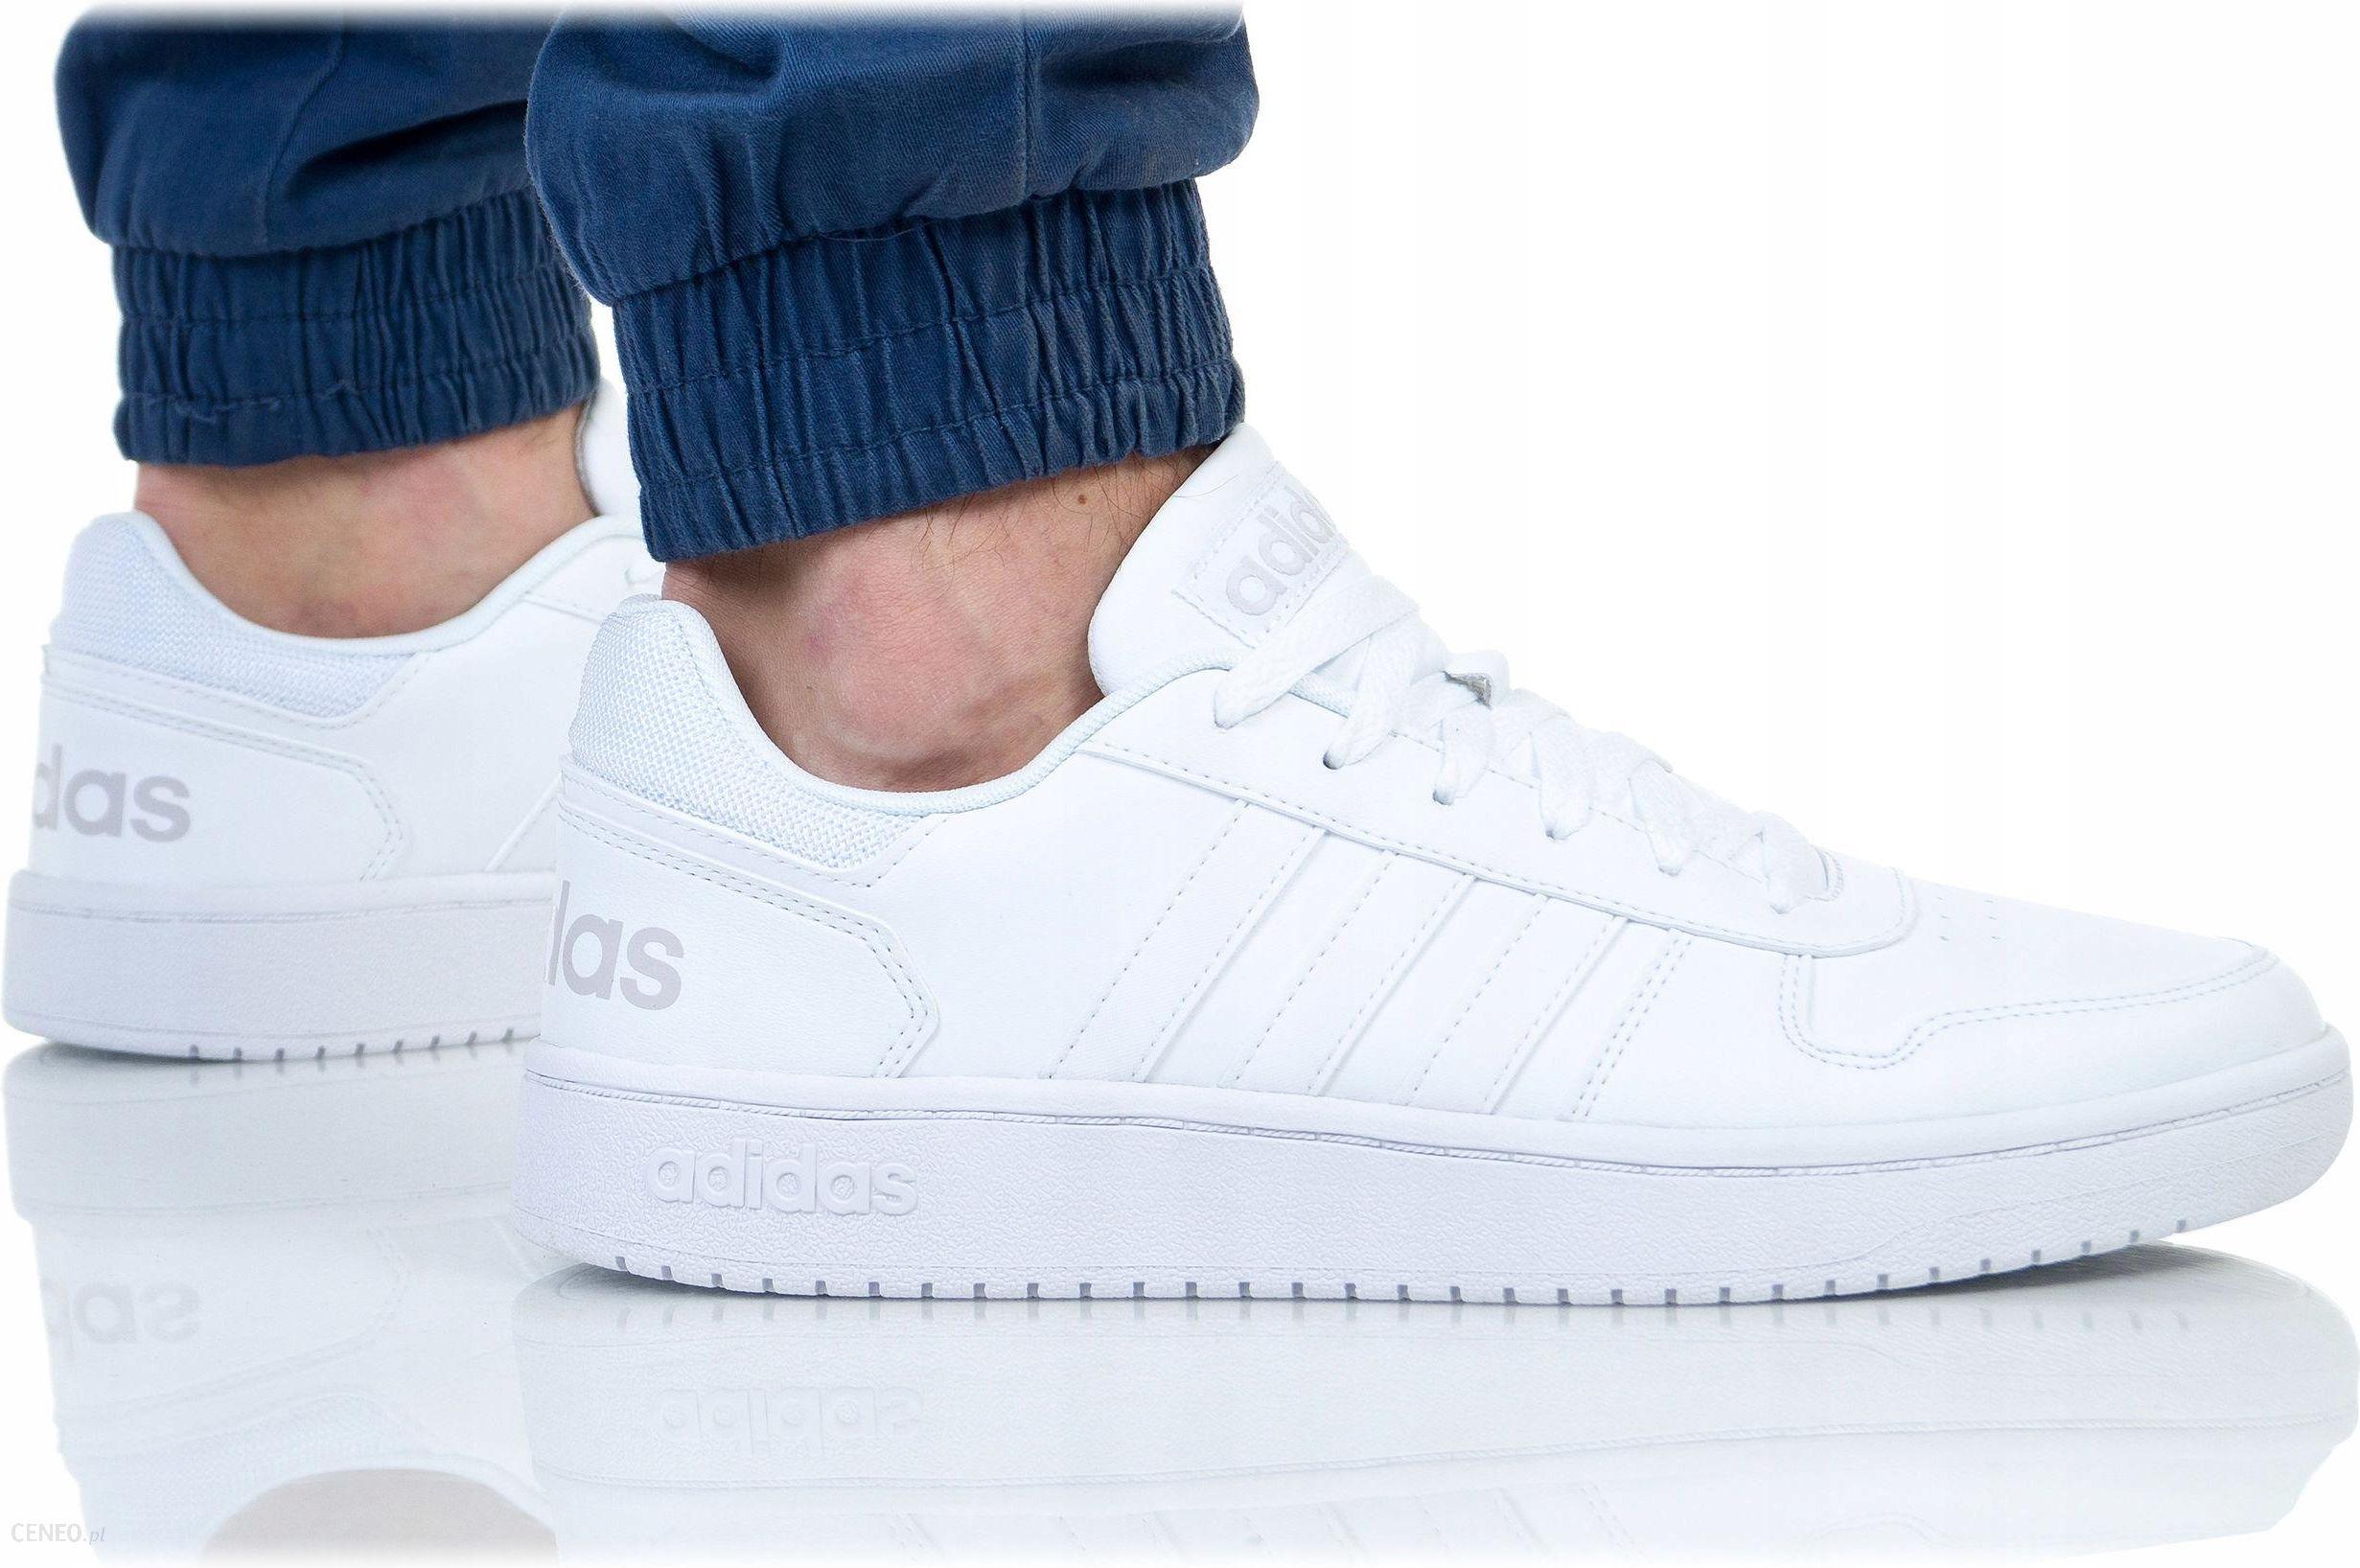 Buty Adidas Męskie Hoops 2.0 DB1085 Białe Ceny i opinie Ceneo.pl